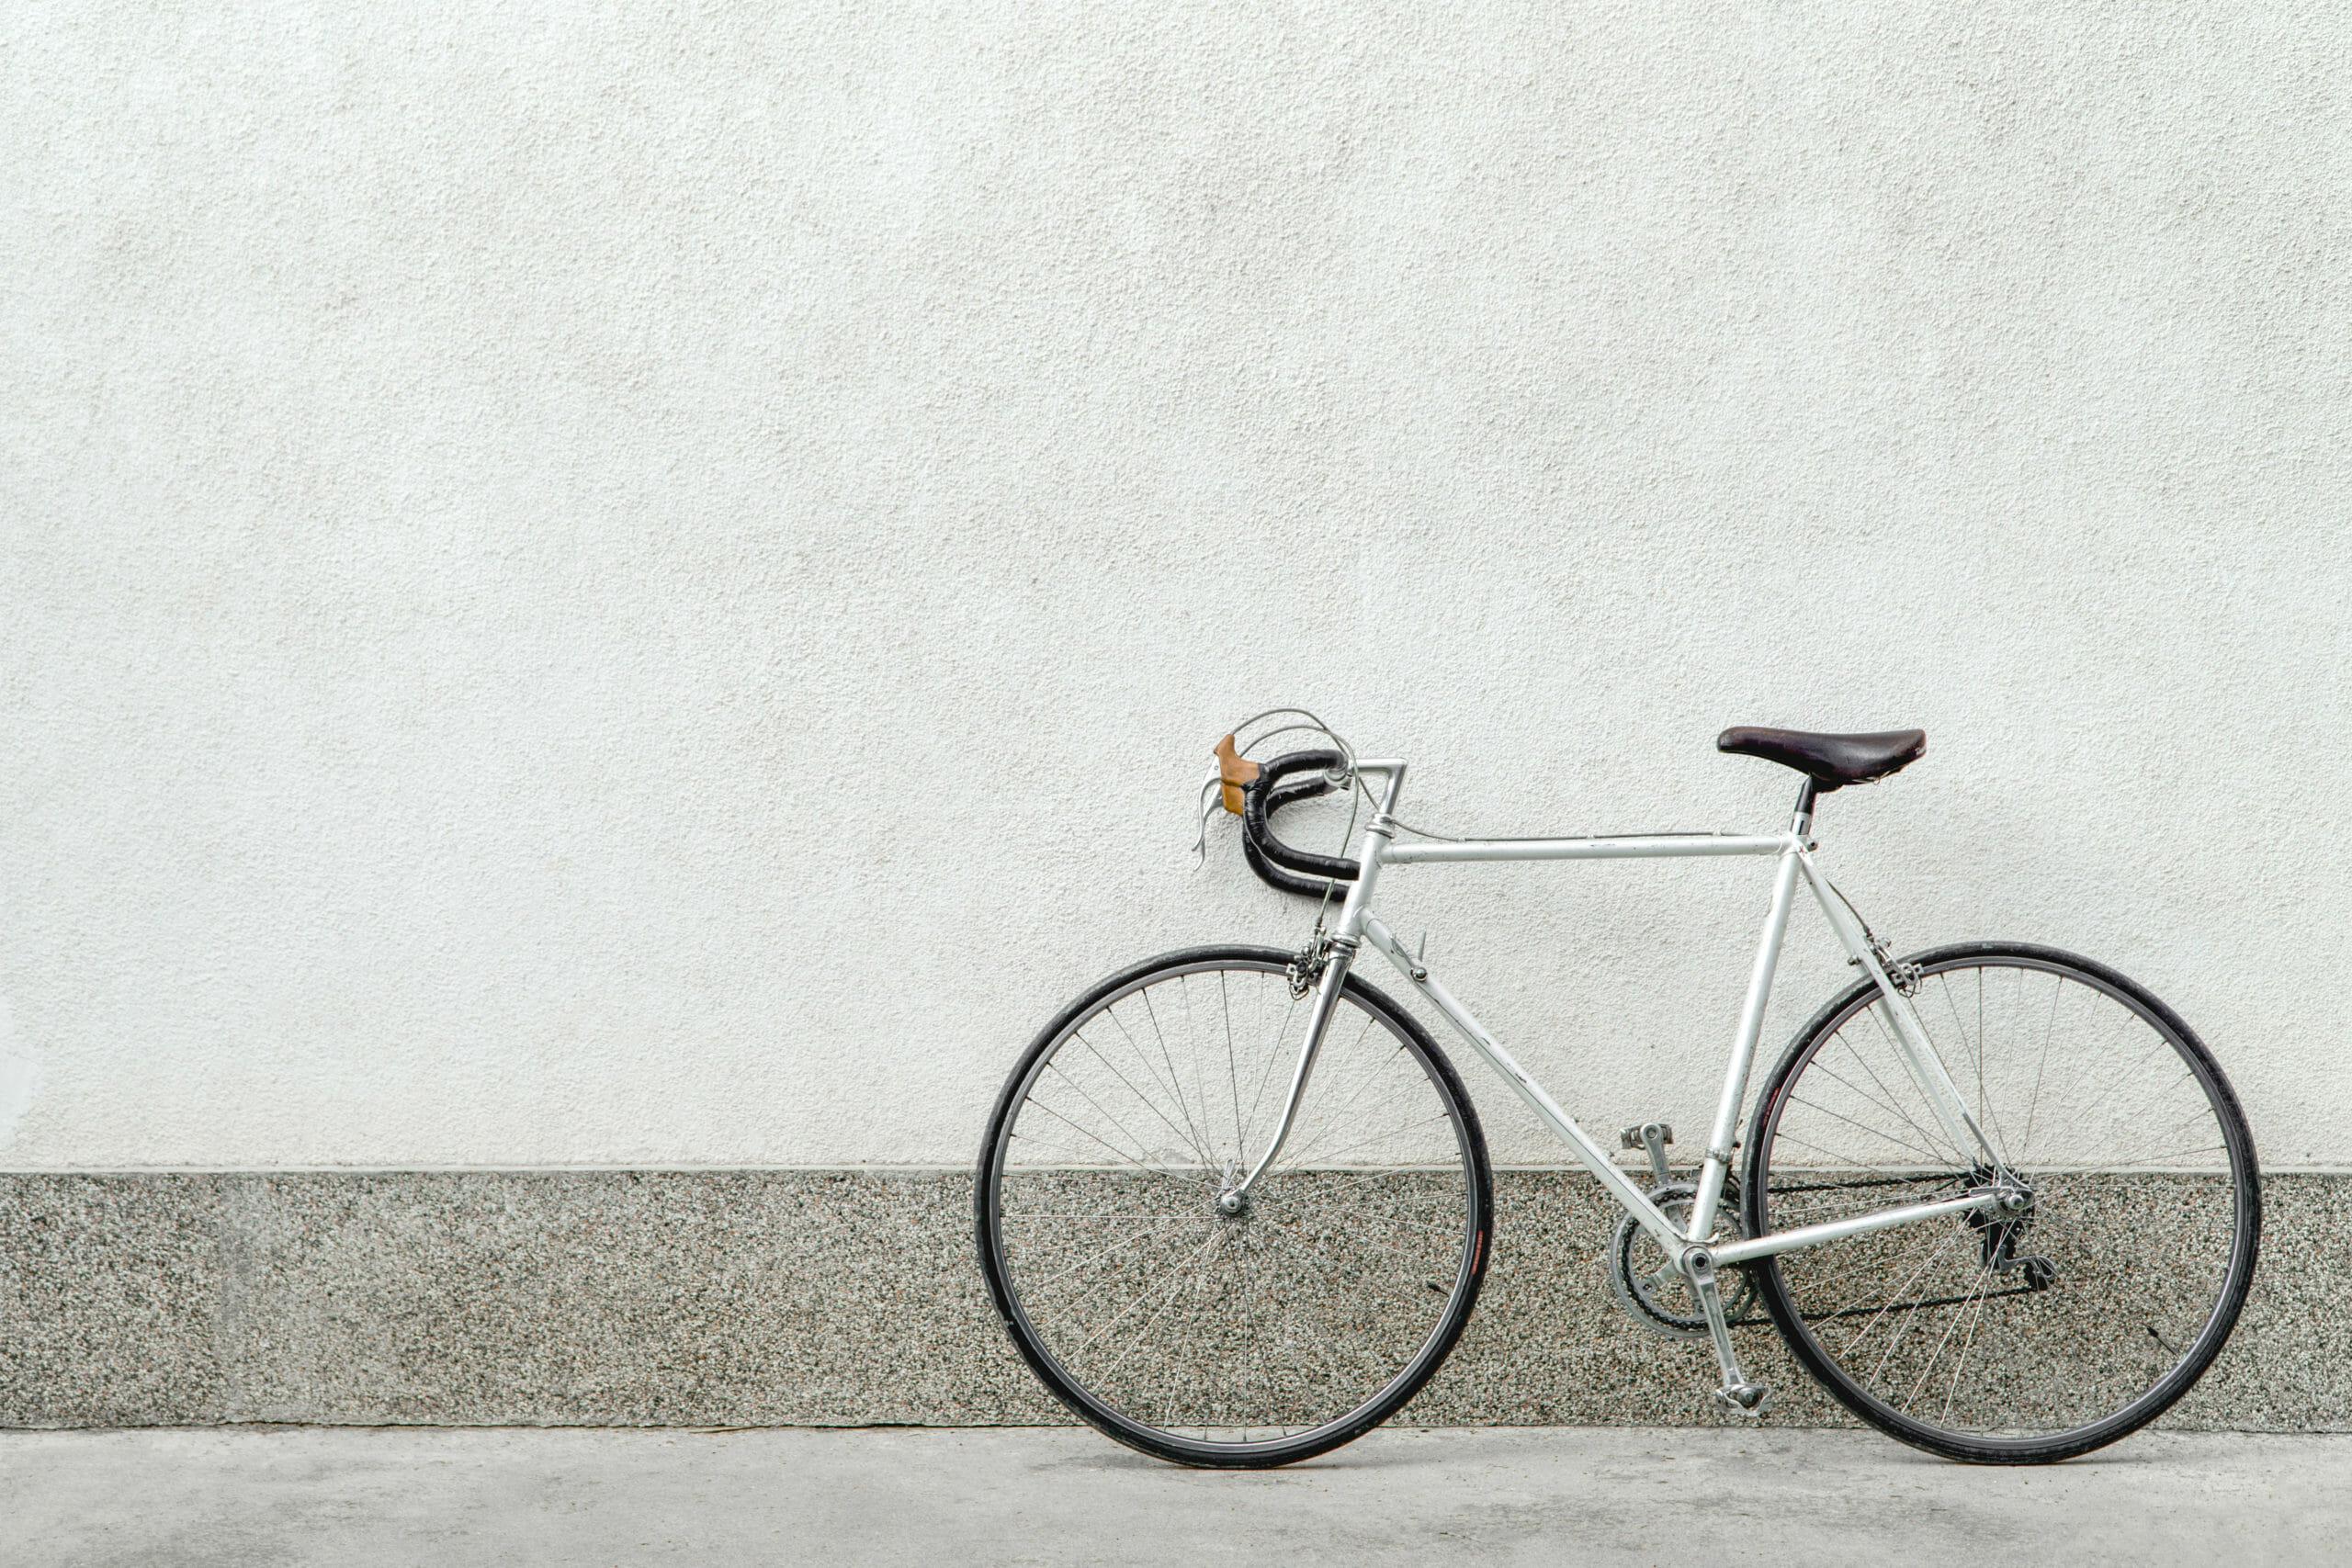 Biking to a Better You